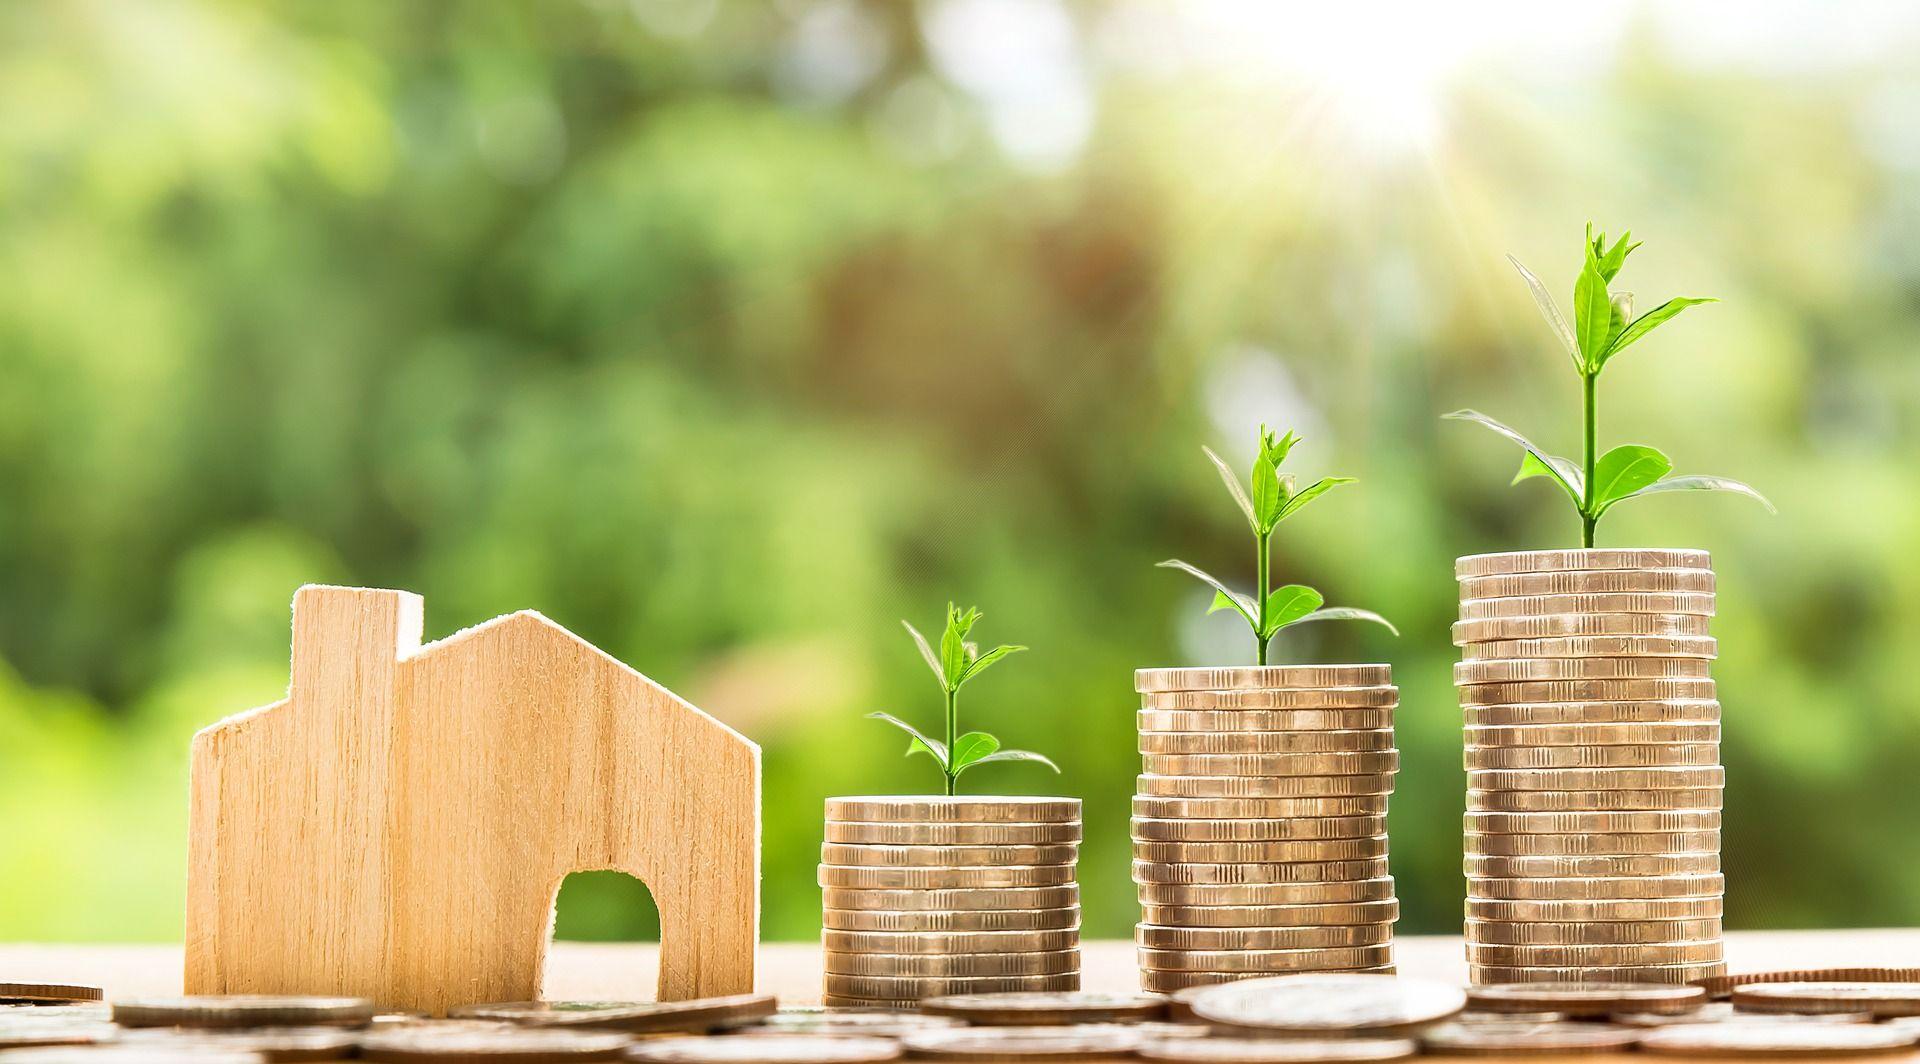 Cena nieruchomości. Za ile wystawić mieszkanie lub dom na sprzedaż.